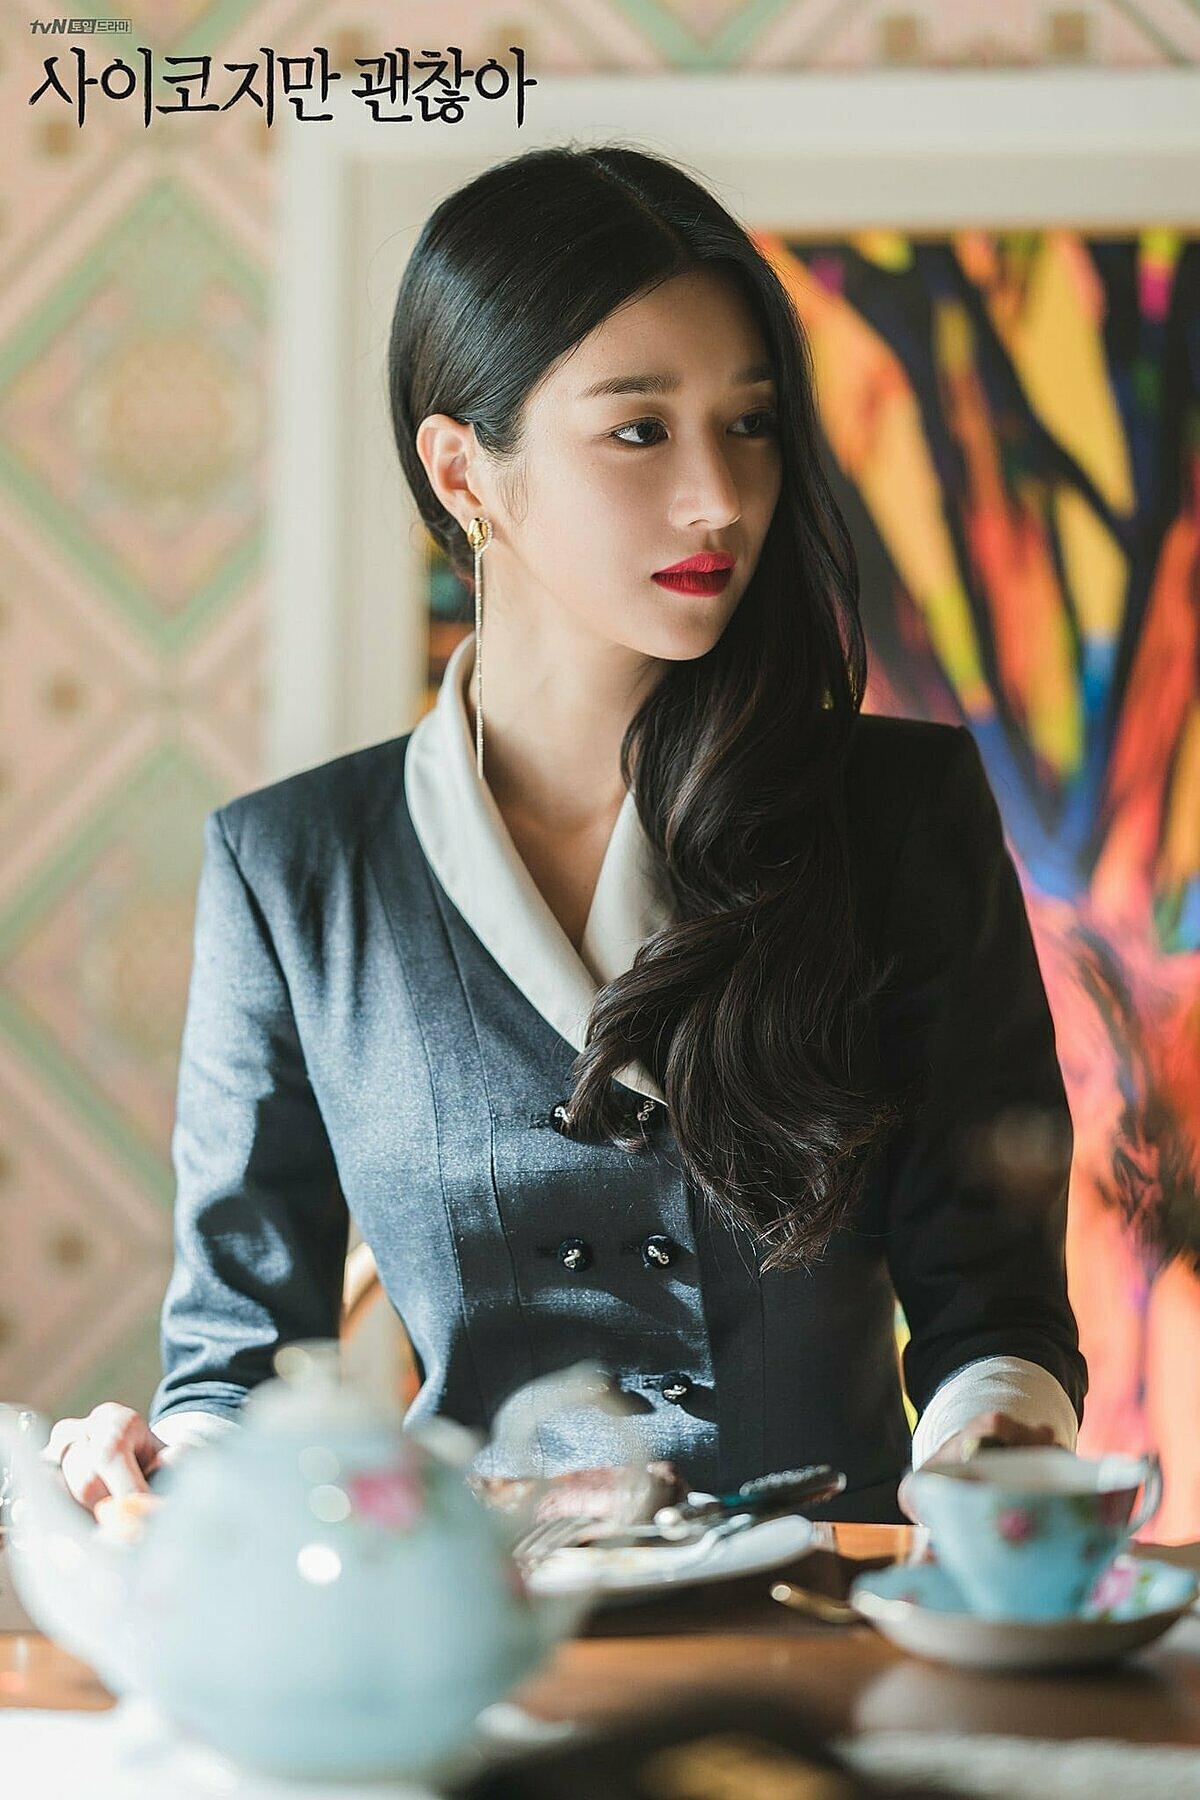 Các trang phục đều có thiết kế kiểu cách, cho thấy cuộc sống hào nhoáng, xa hoa và có phần xa rời thực tế của Moon Young.